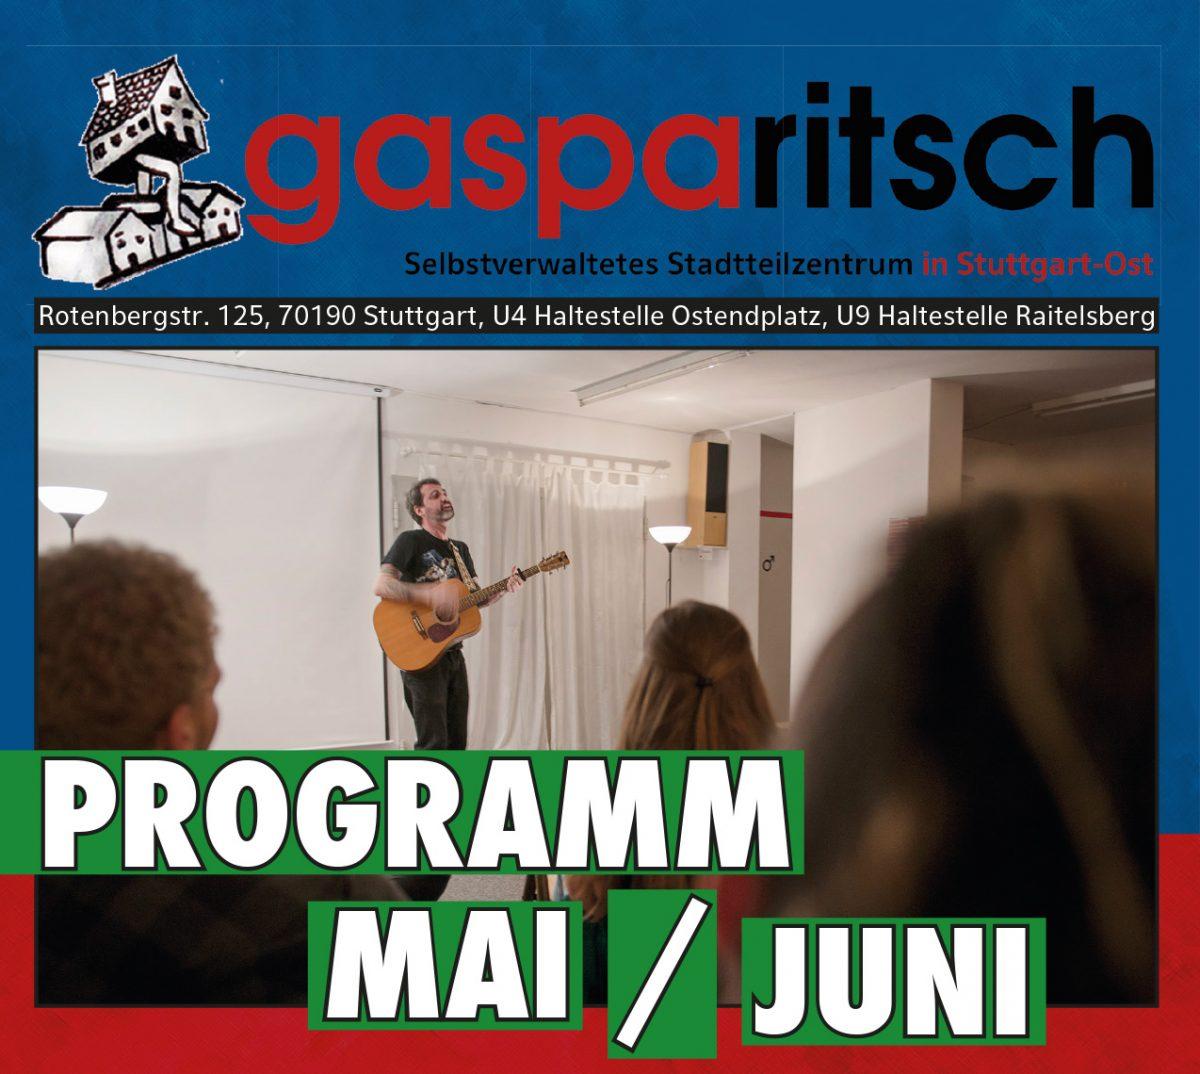 Programm Mai / Juni